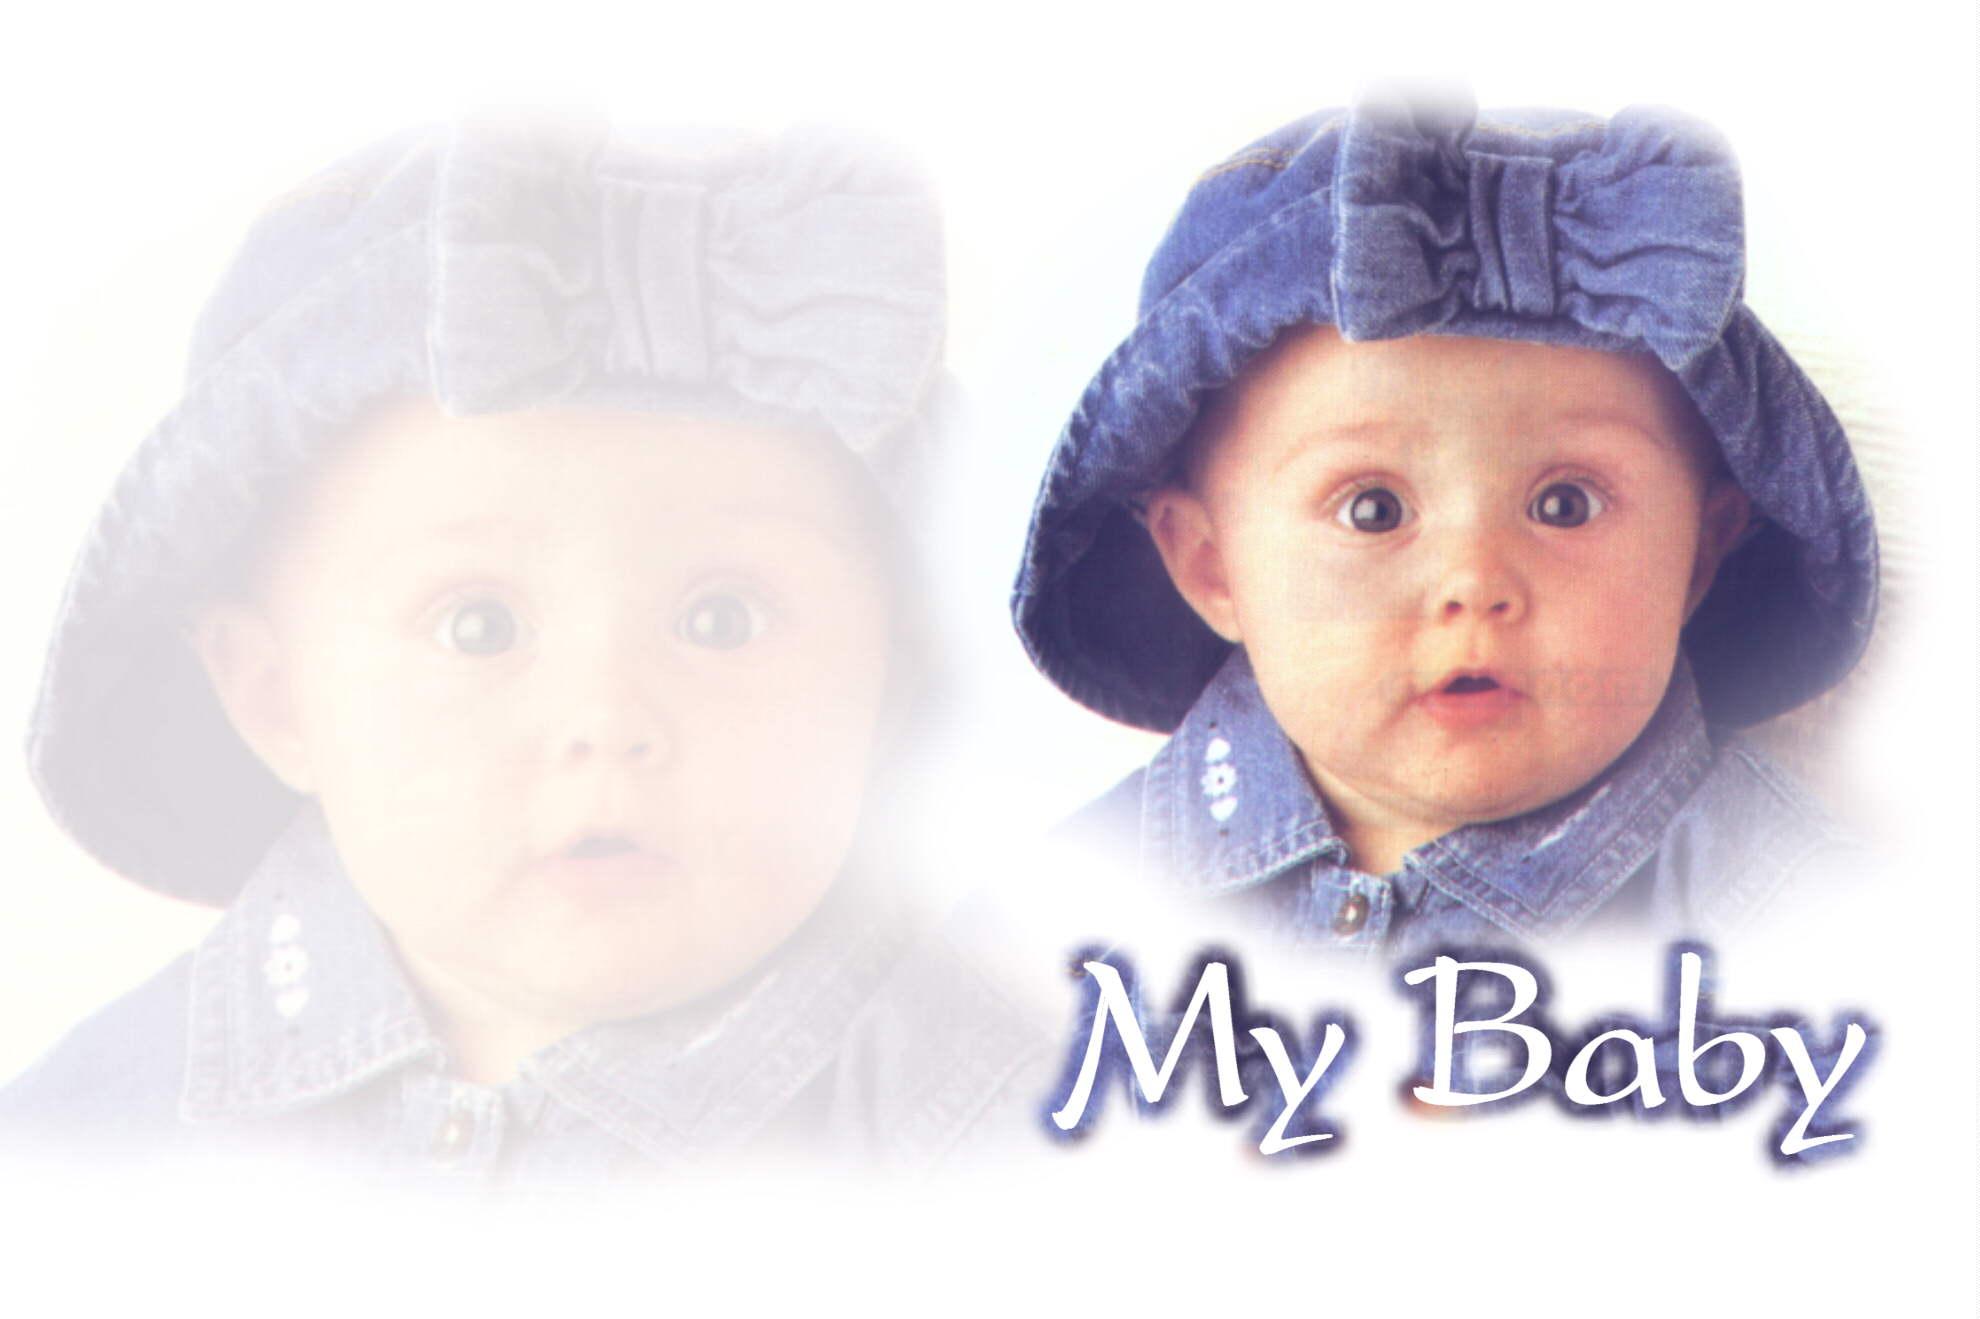 صور اطفال خلفيات وصور اطفال كيوت وجميلة ورقيقة احلي اطفال (72)